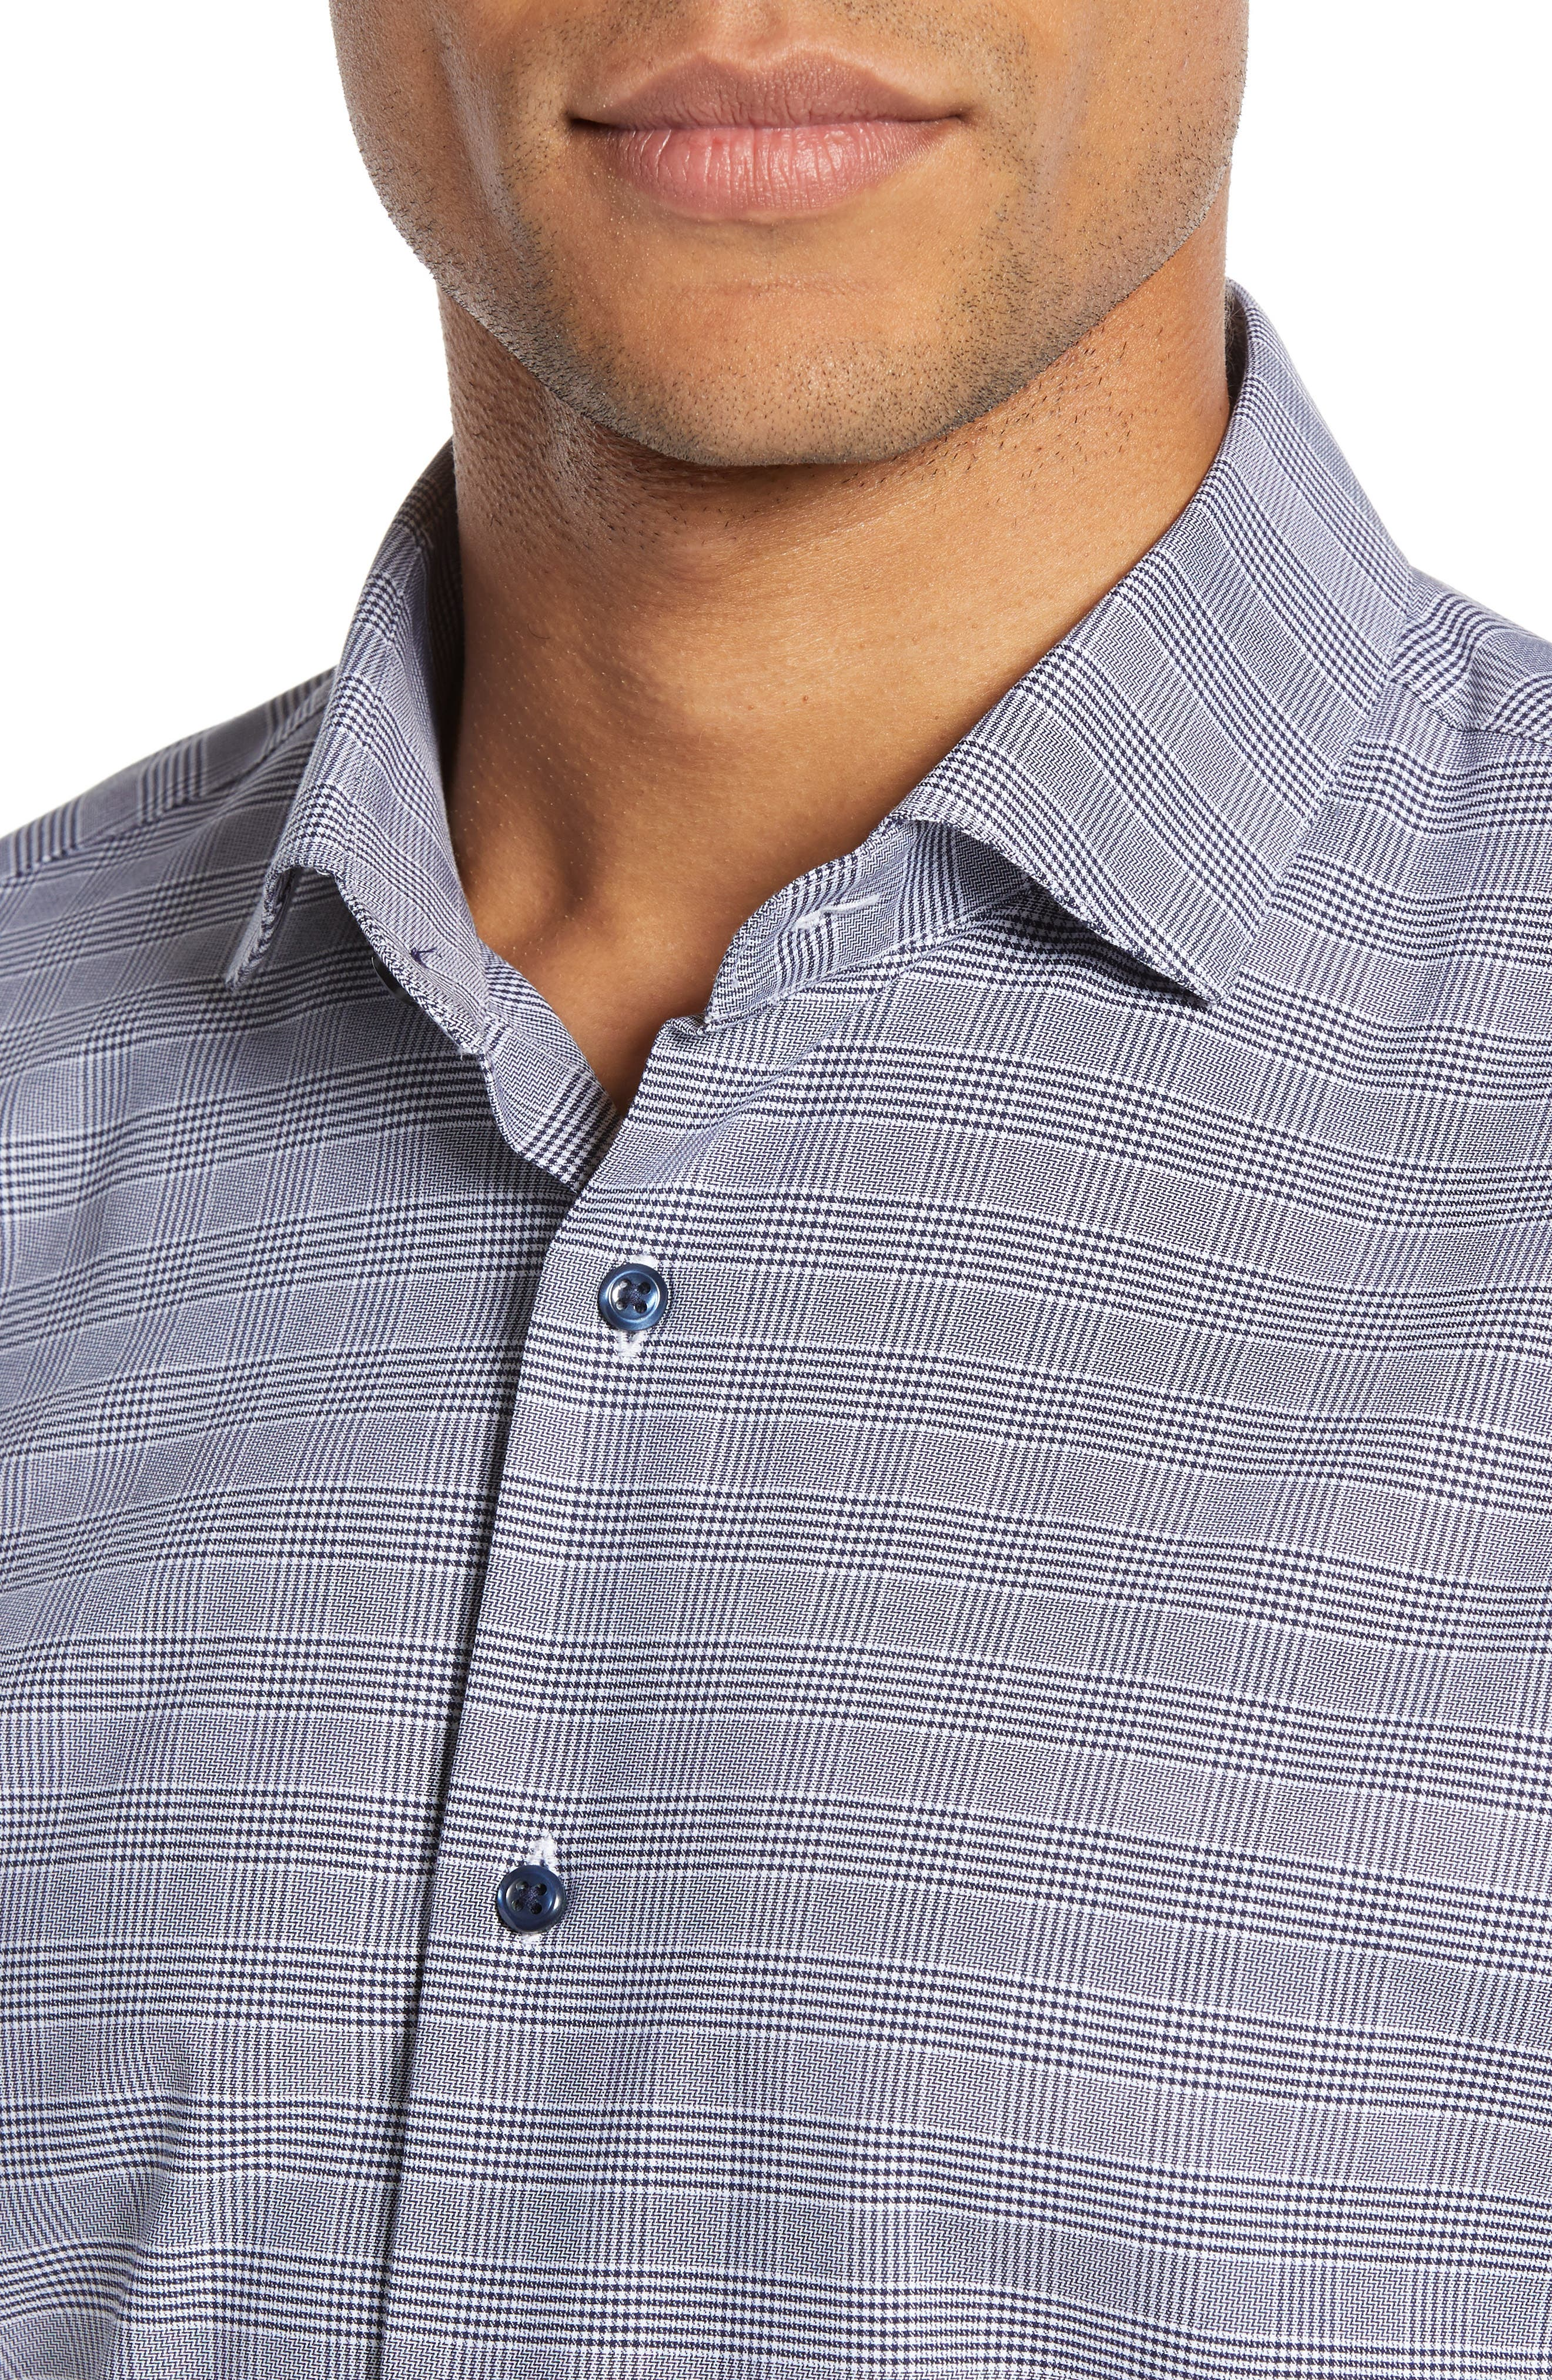 Tech-Smart Trim Fit Stretch Plaid Dress Shirt,                             Alternate thumbnail 2, color,                             NAVY PEACOAT